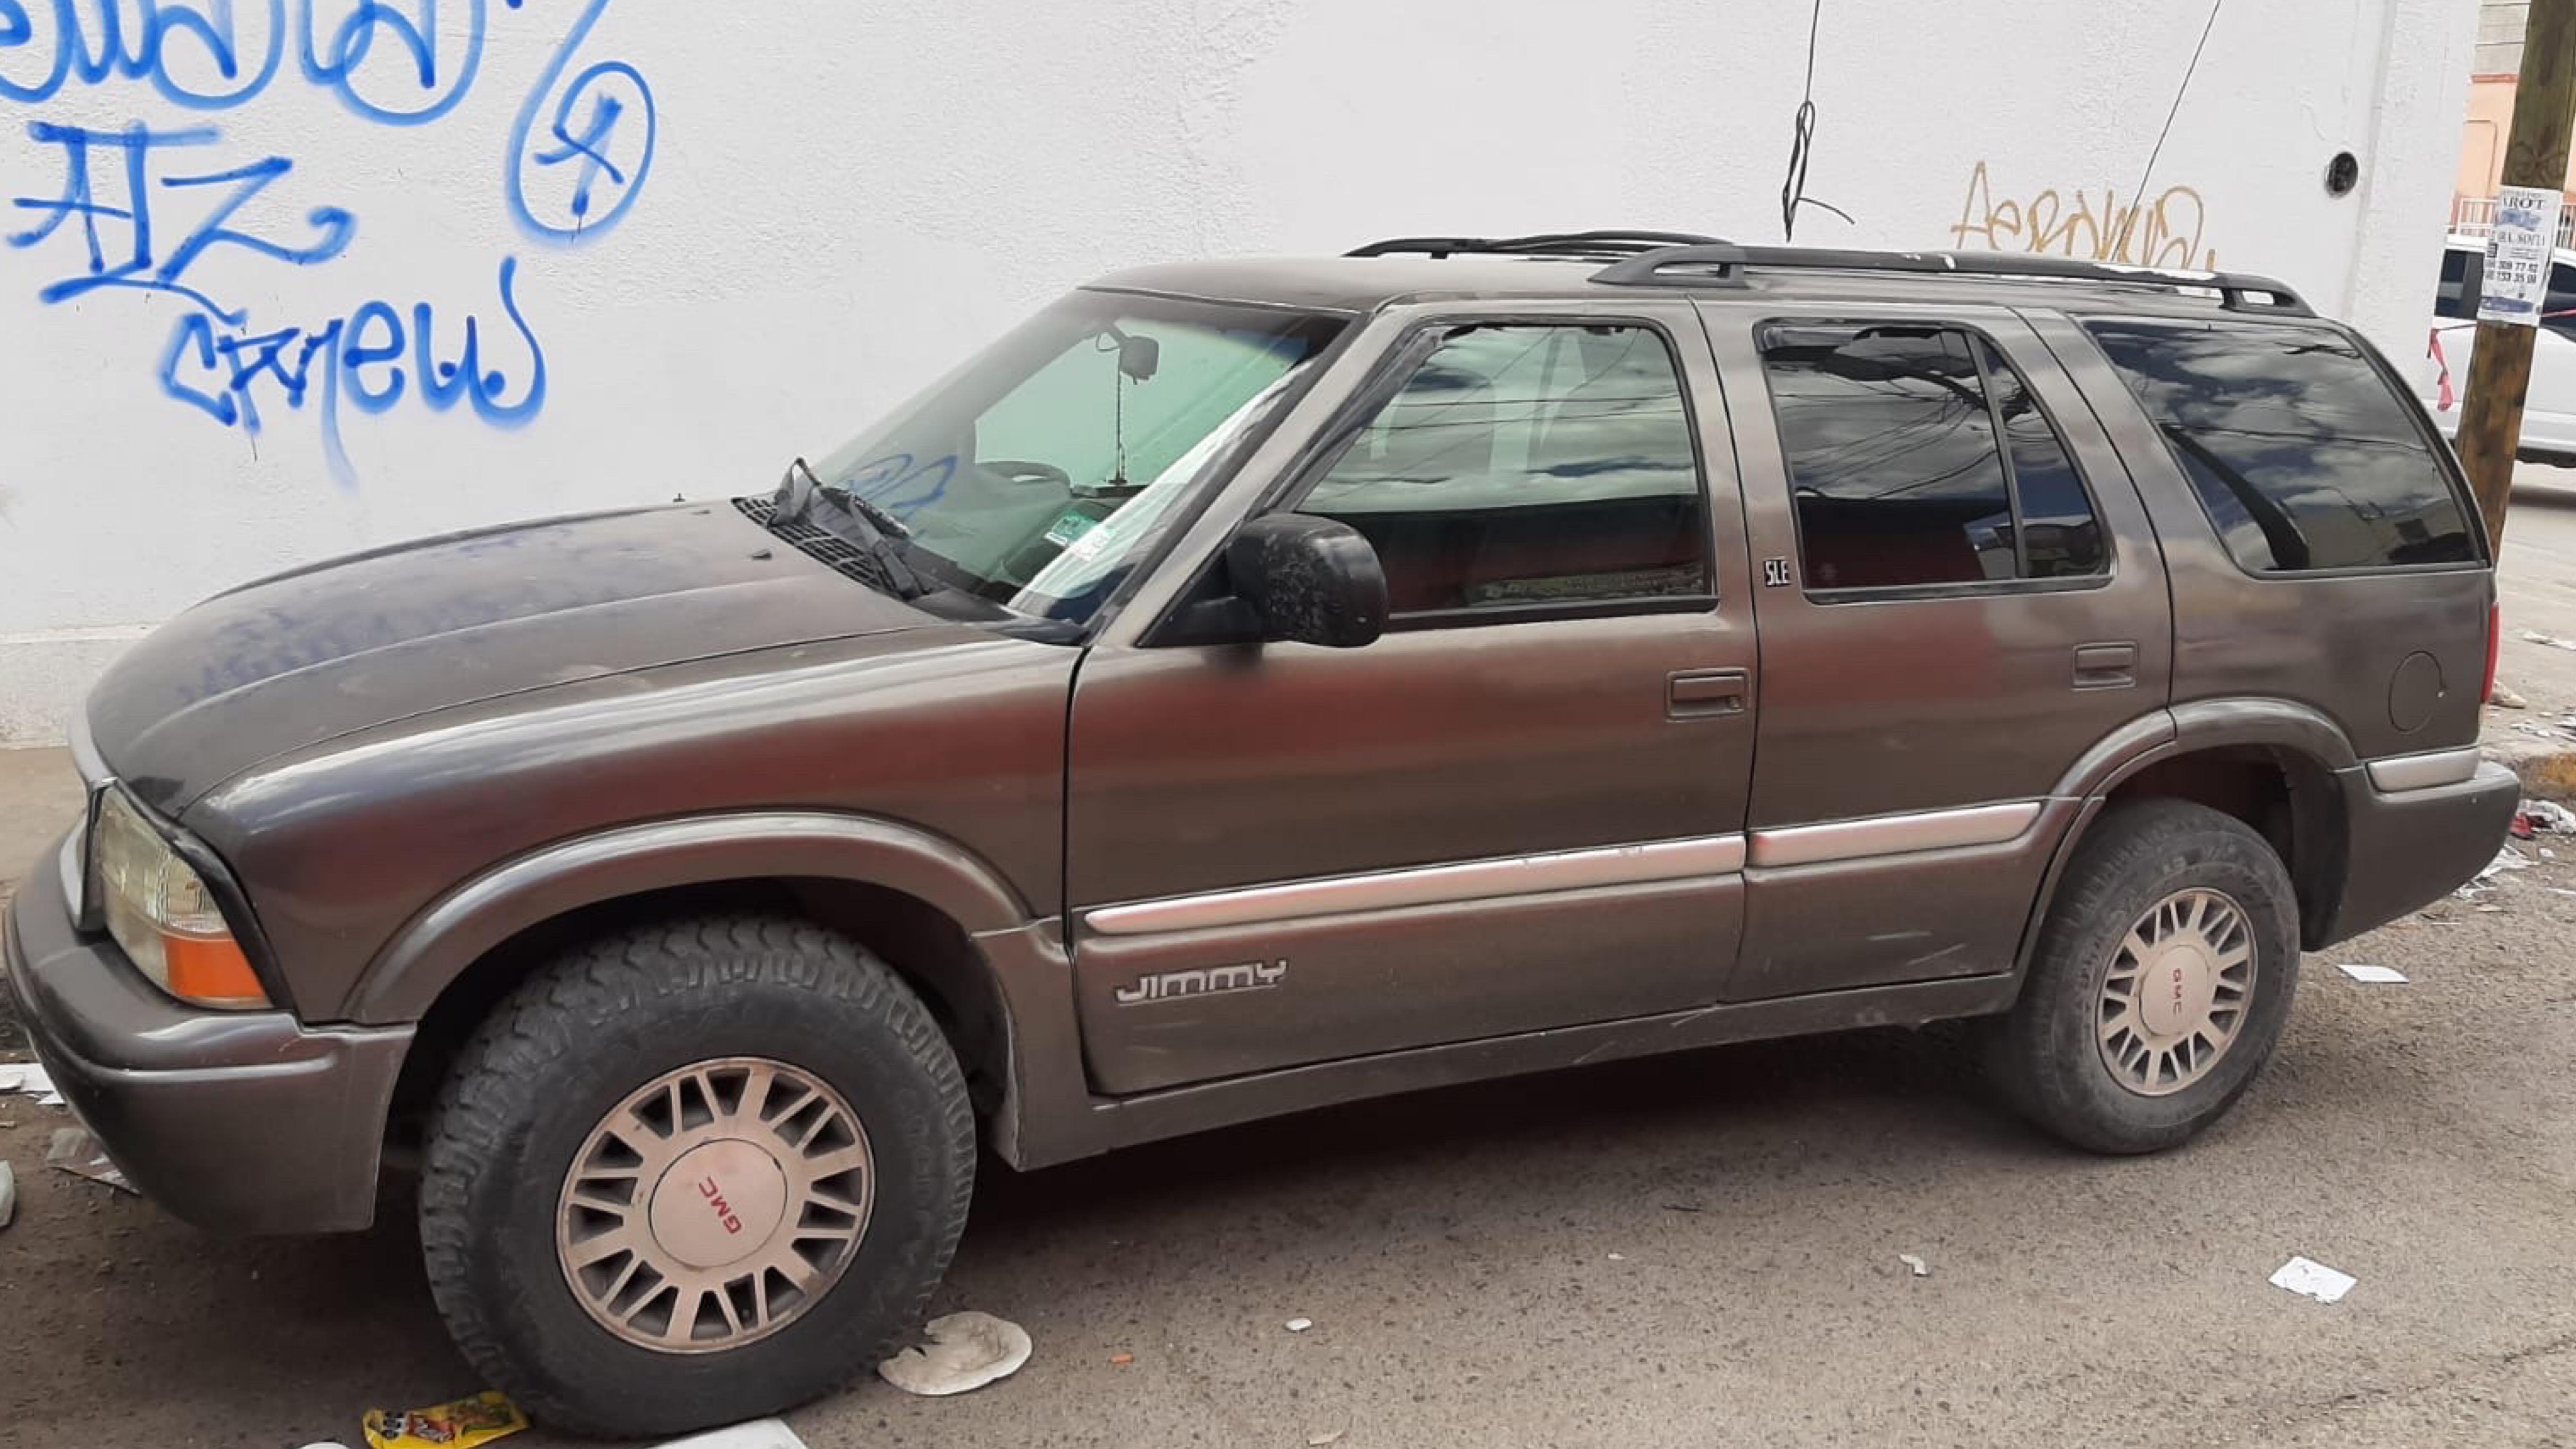 Vehiculo-decomisado-en-casa-de-seguridad-en-Ciudad-Juarez-Chihuahua